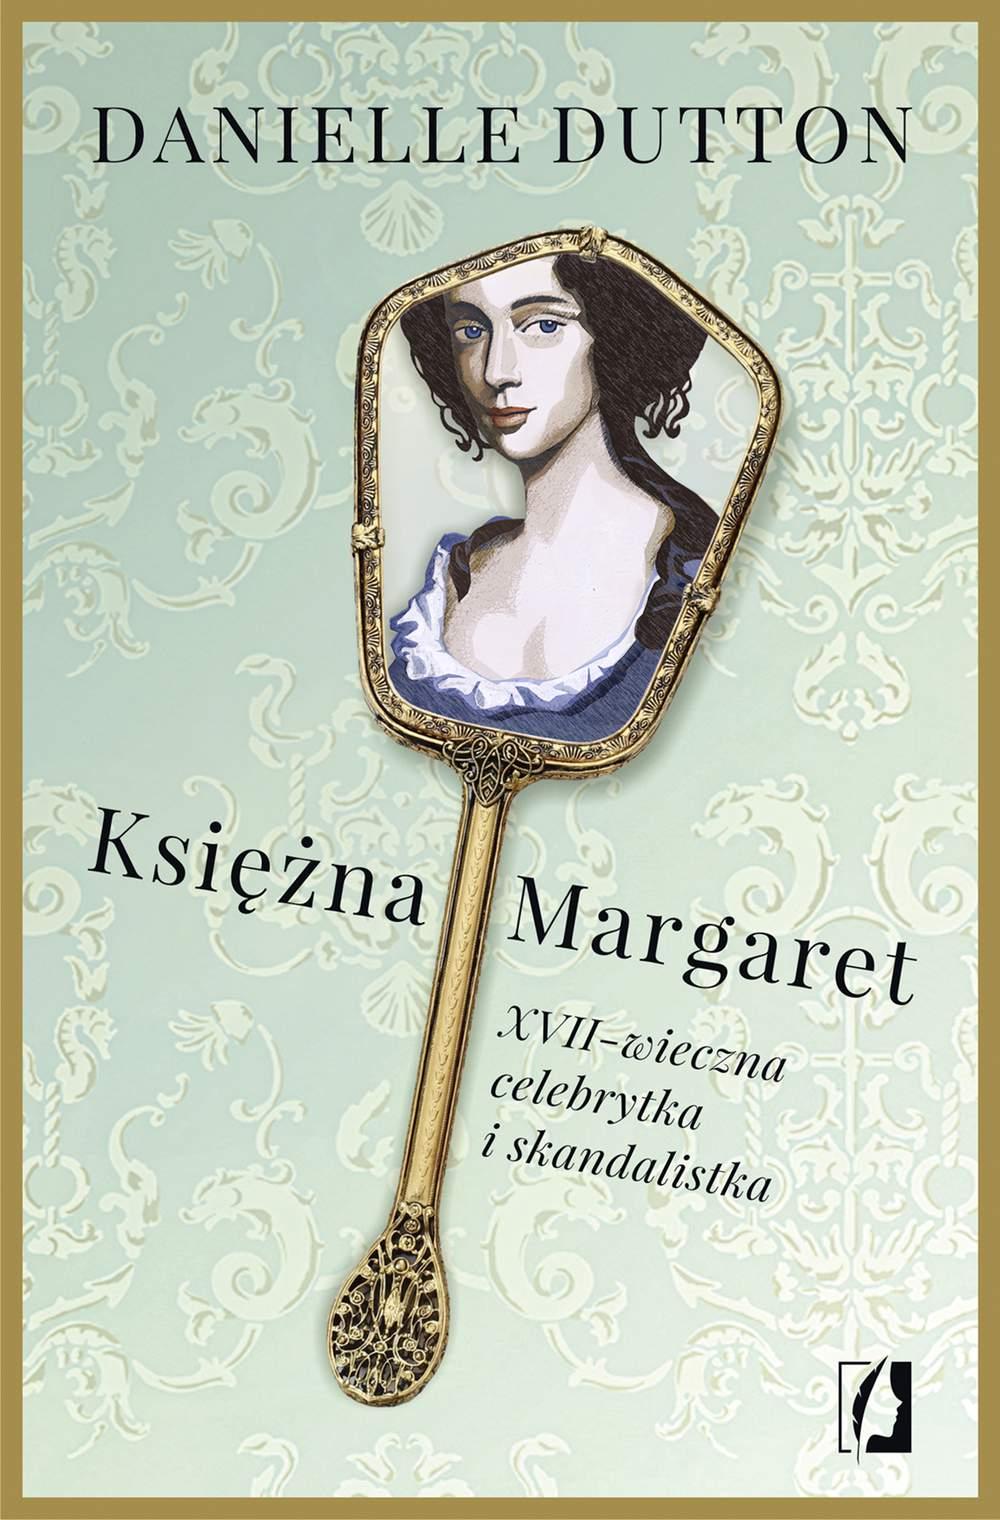 Księżna Margaret. XVII-wieczna skandalistka i celebrytka - Ebook (Książka na Kindle) do pobrania w formacie MOBI